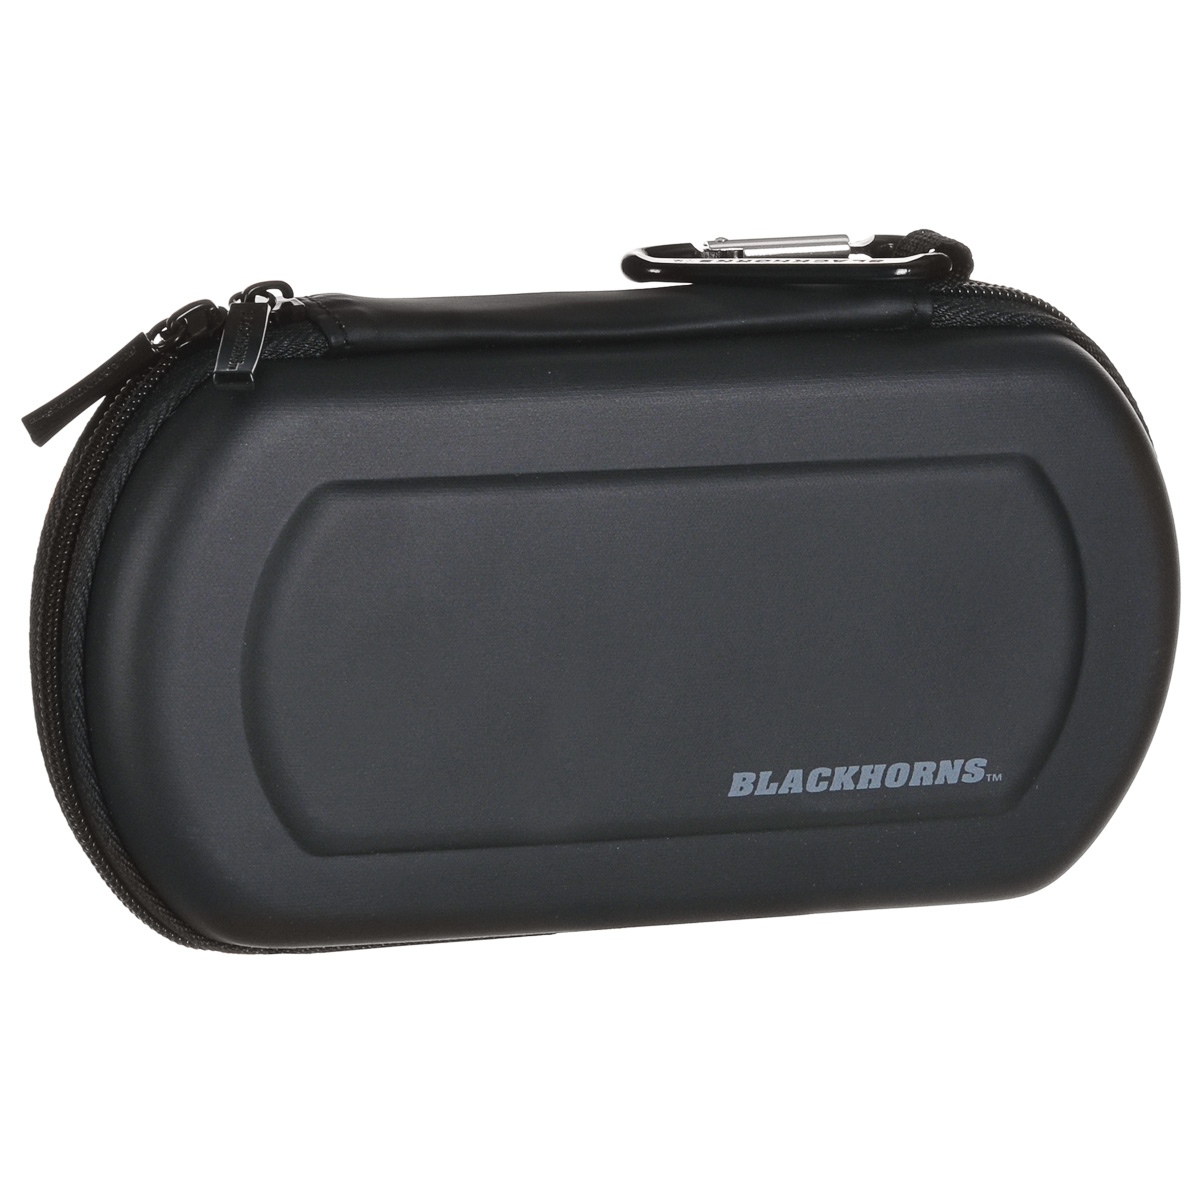 Защитный чехол Black Horns для Sony PSP E1000/2000/3000 (New Version), черныйBH-PSP02201(R)Защитный чехол Black Horns для Sony PSP E1000/2000/3000 убережет вашу портативную игровую консоль от механических повреждений: ударов, царапин, тряски. Чехол отлично сшит, швы занимают минимум места. Особенностью данной модели является возможность трансформации для просмотра фильмов. Чехол также имеет отделения для UMD-дисков и других аксессуаров.